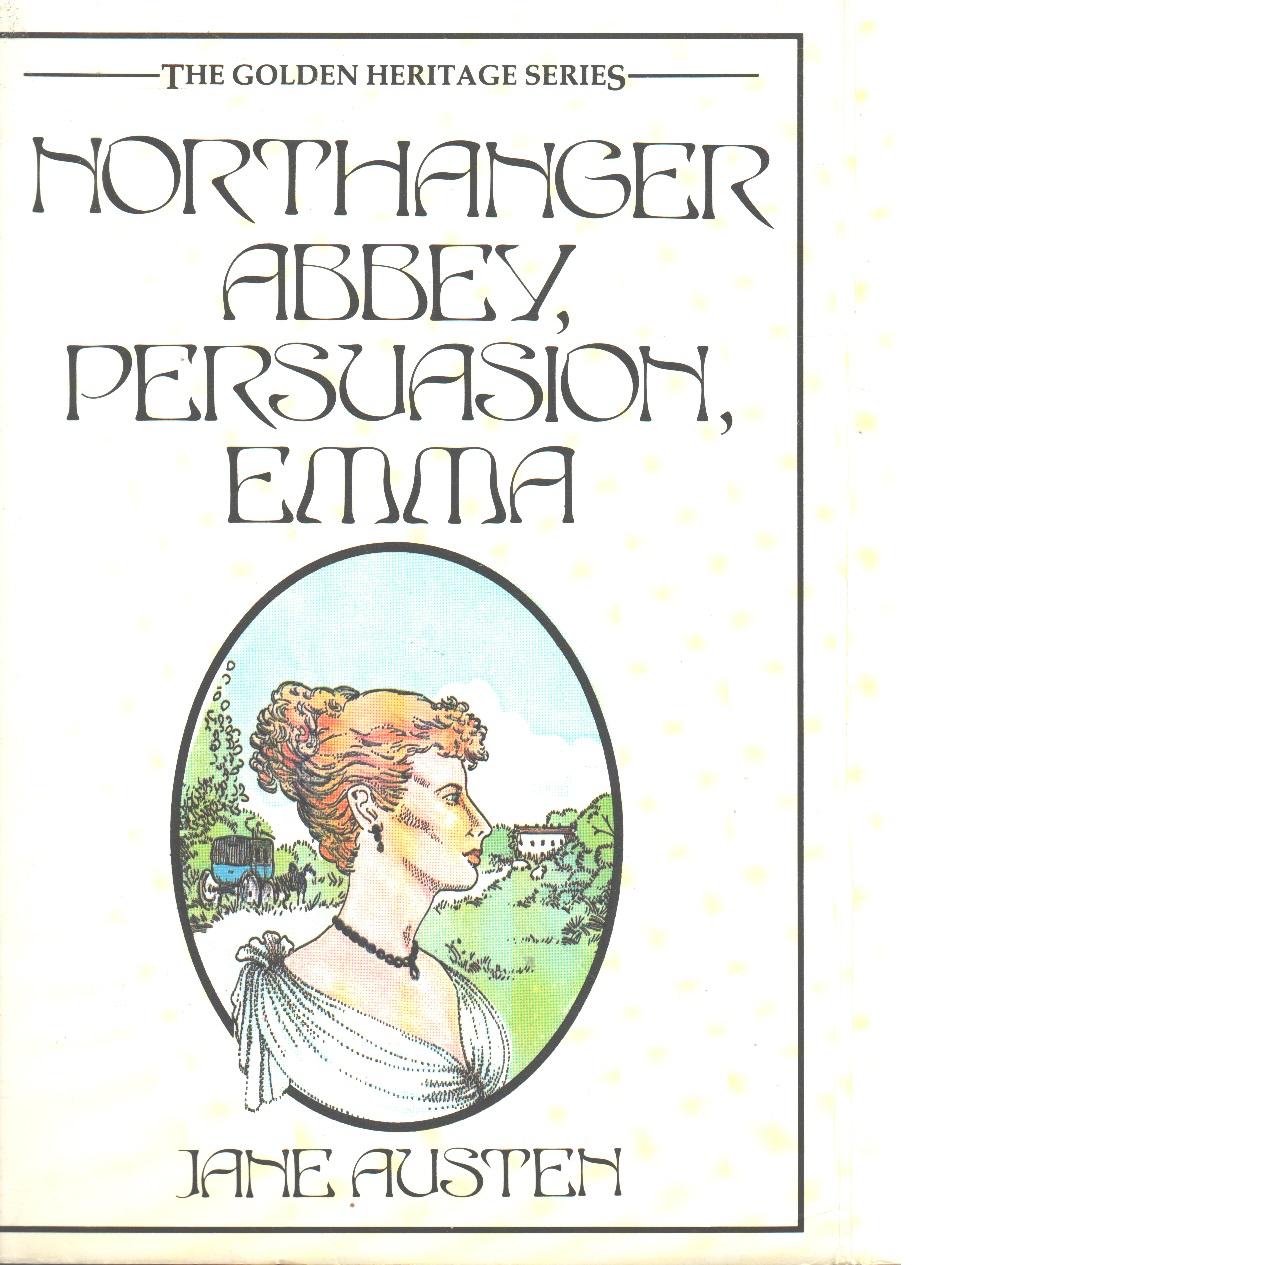 Northanger Abbey, Persuasion, Emma - Austen, Jane